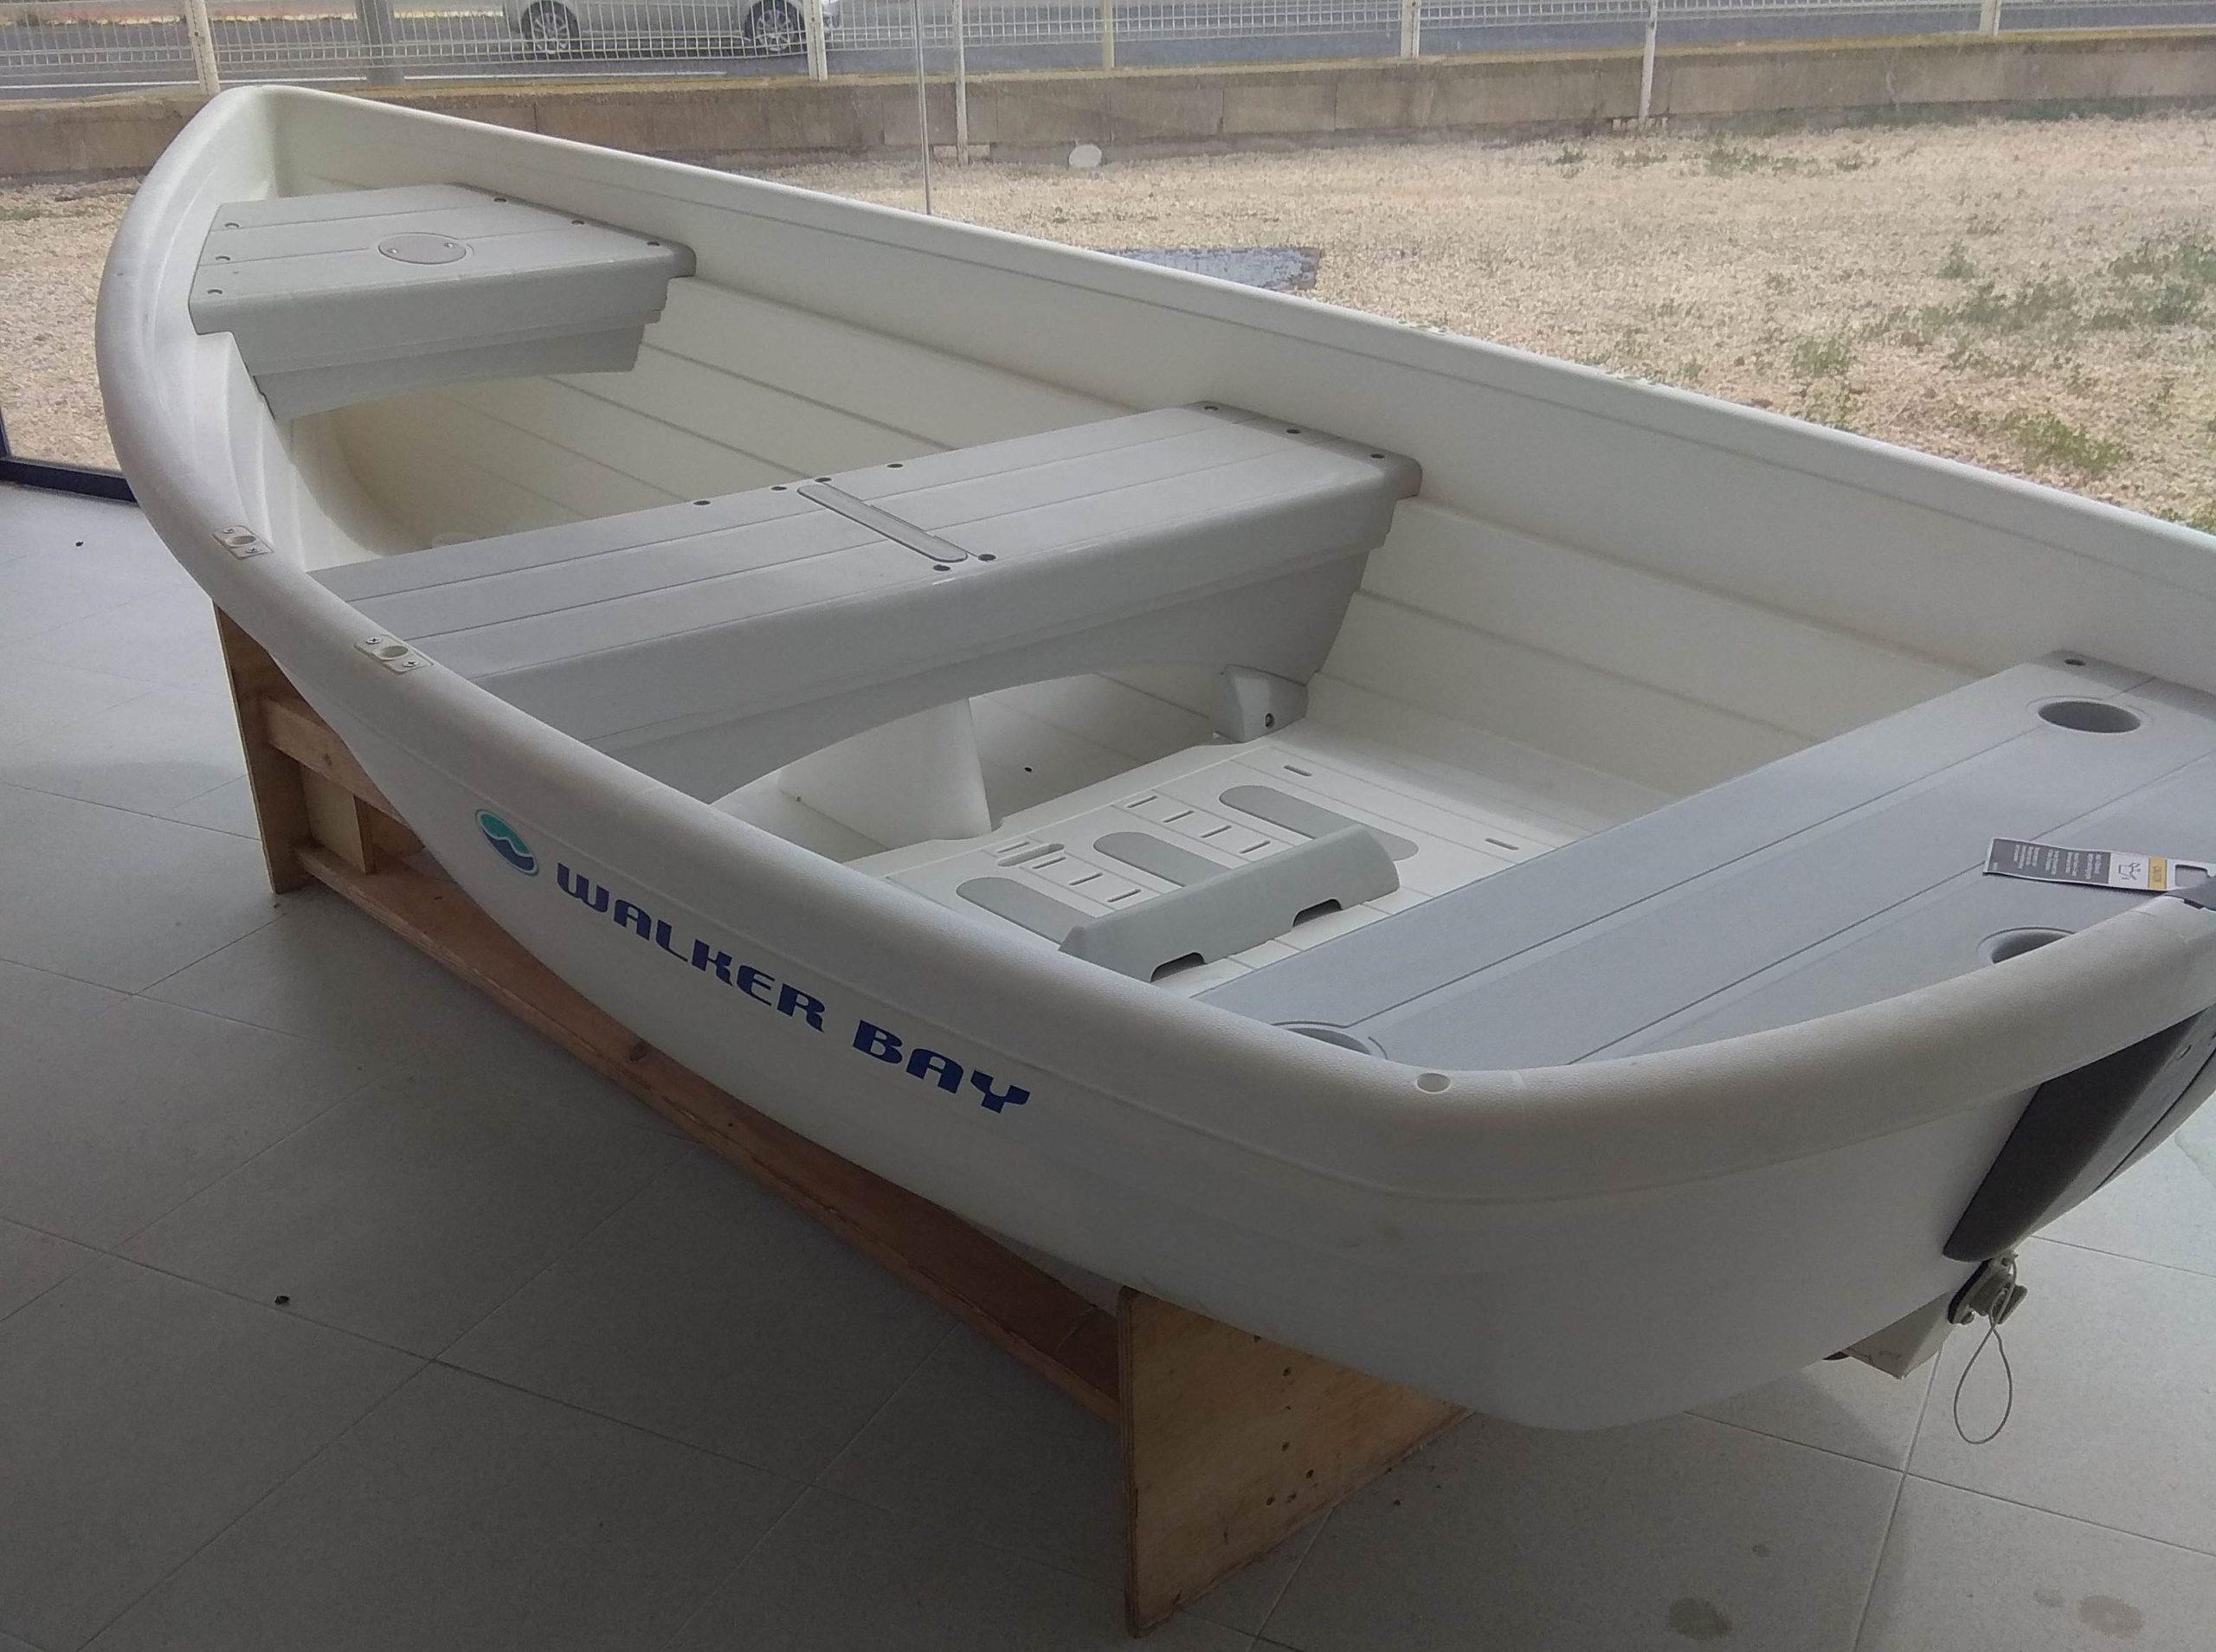 oferta embarcacion walker bay economico entrega inmediata oferta